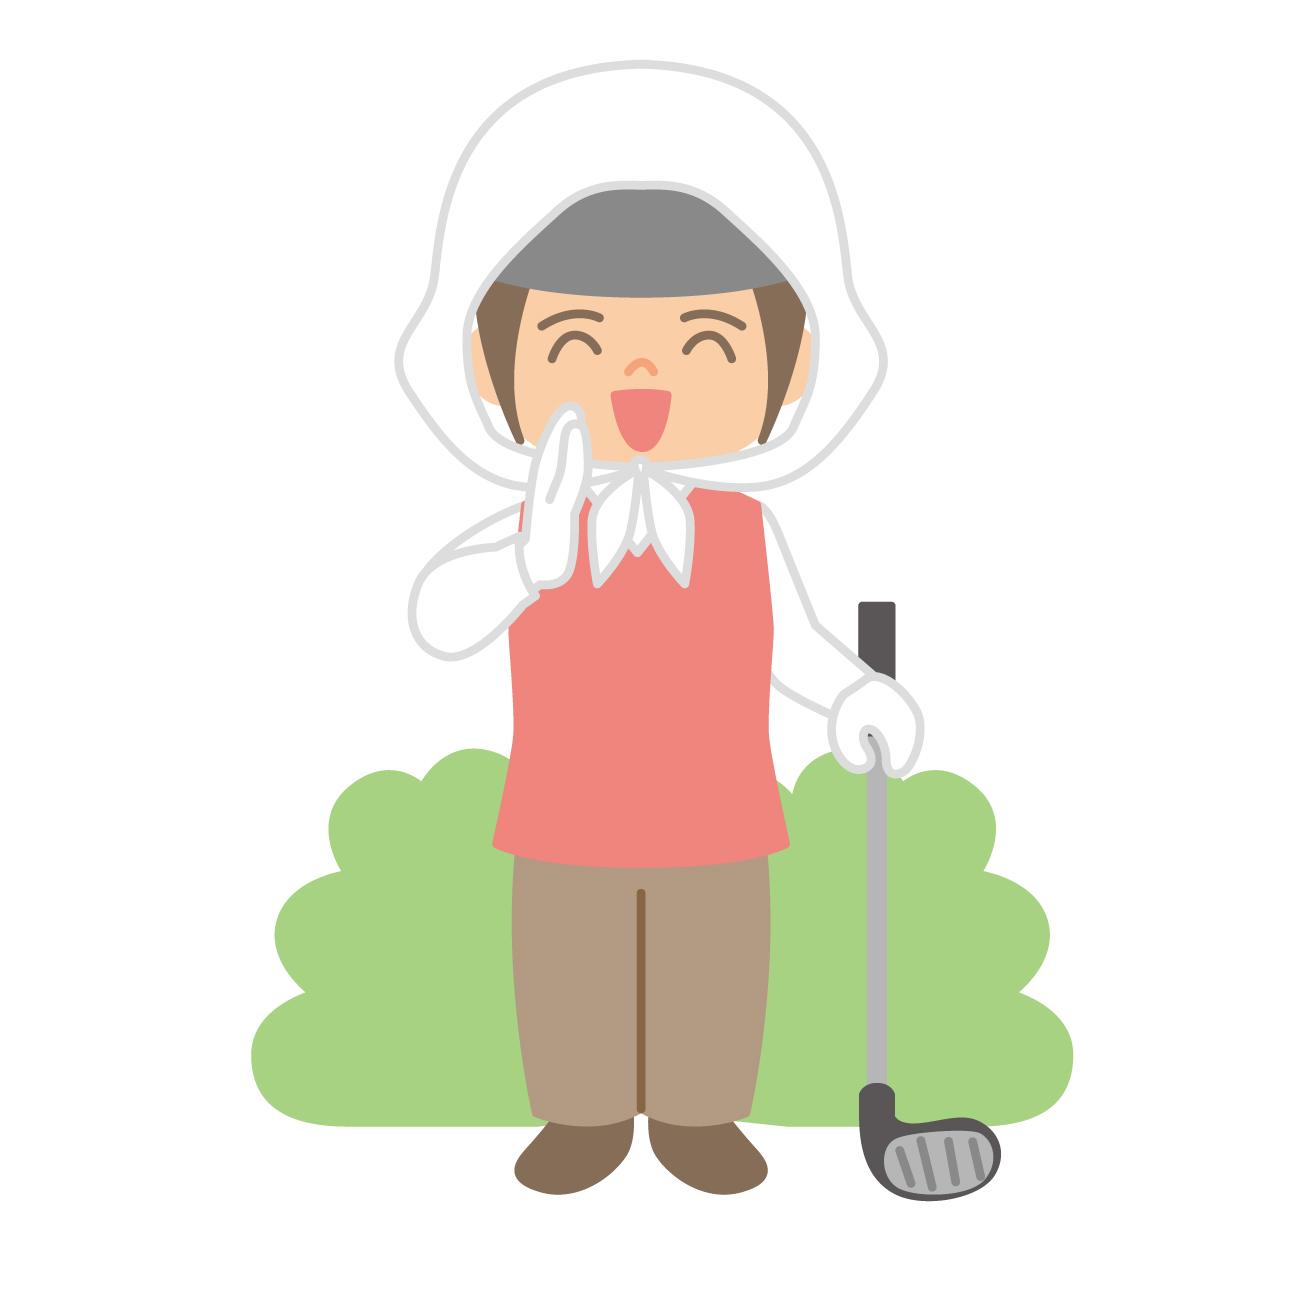 ゴルフ場キャディさんの募集